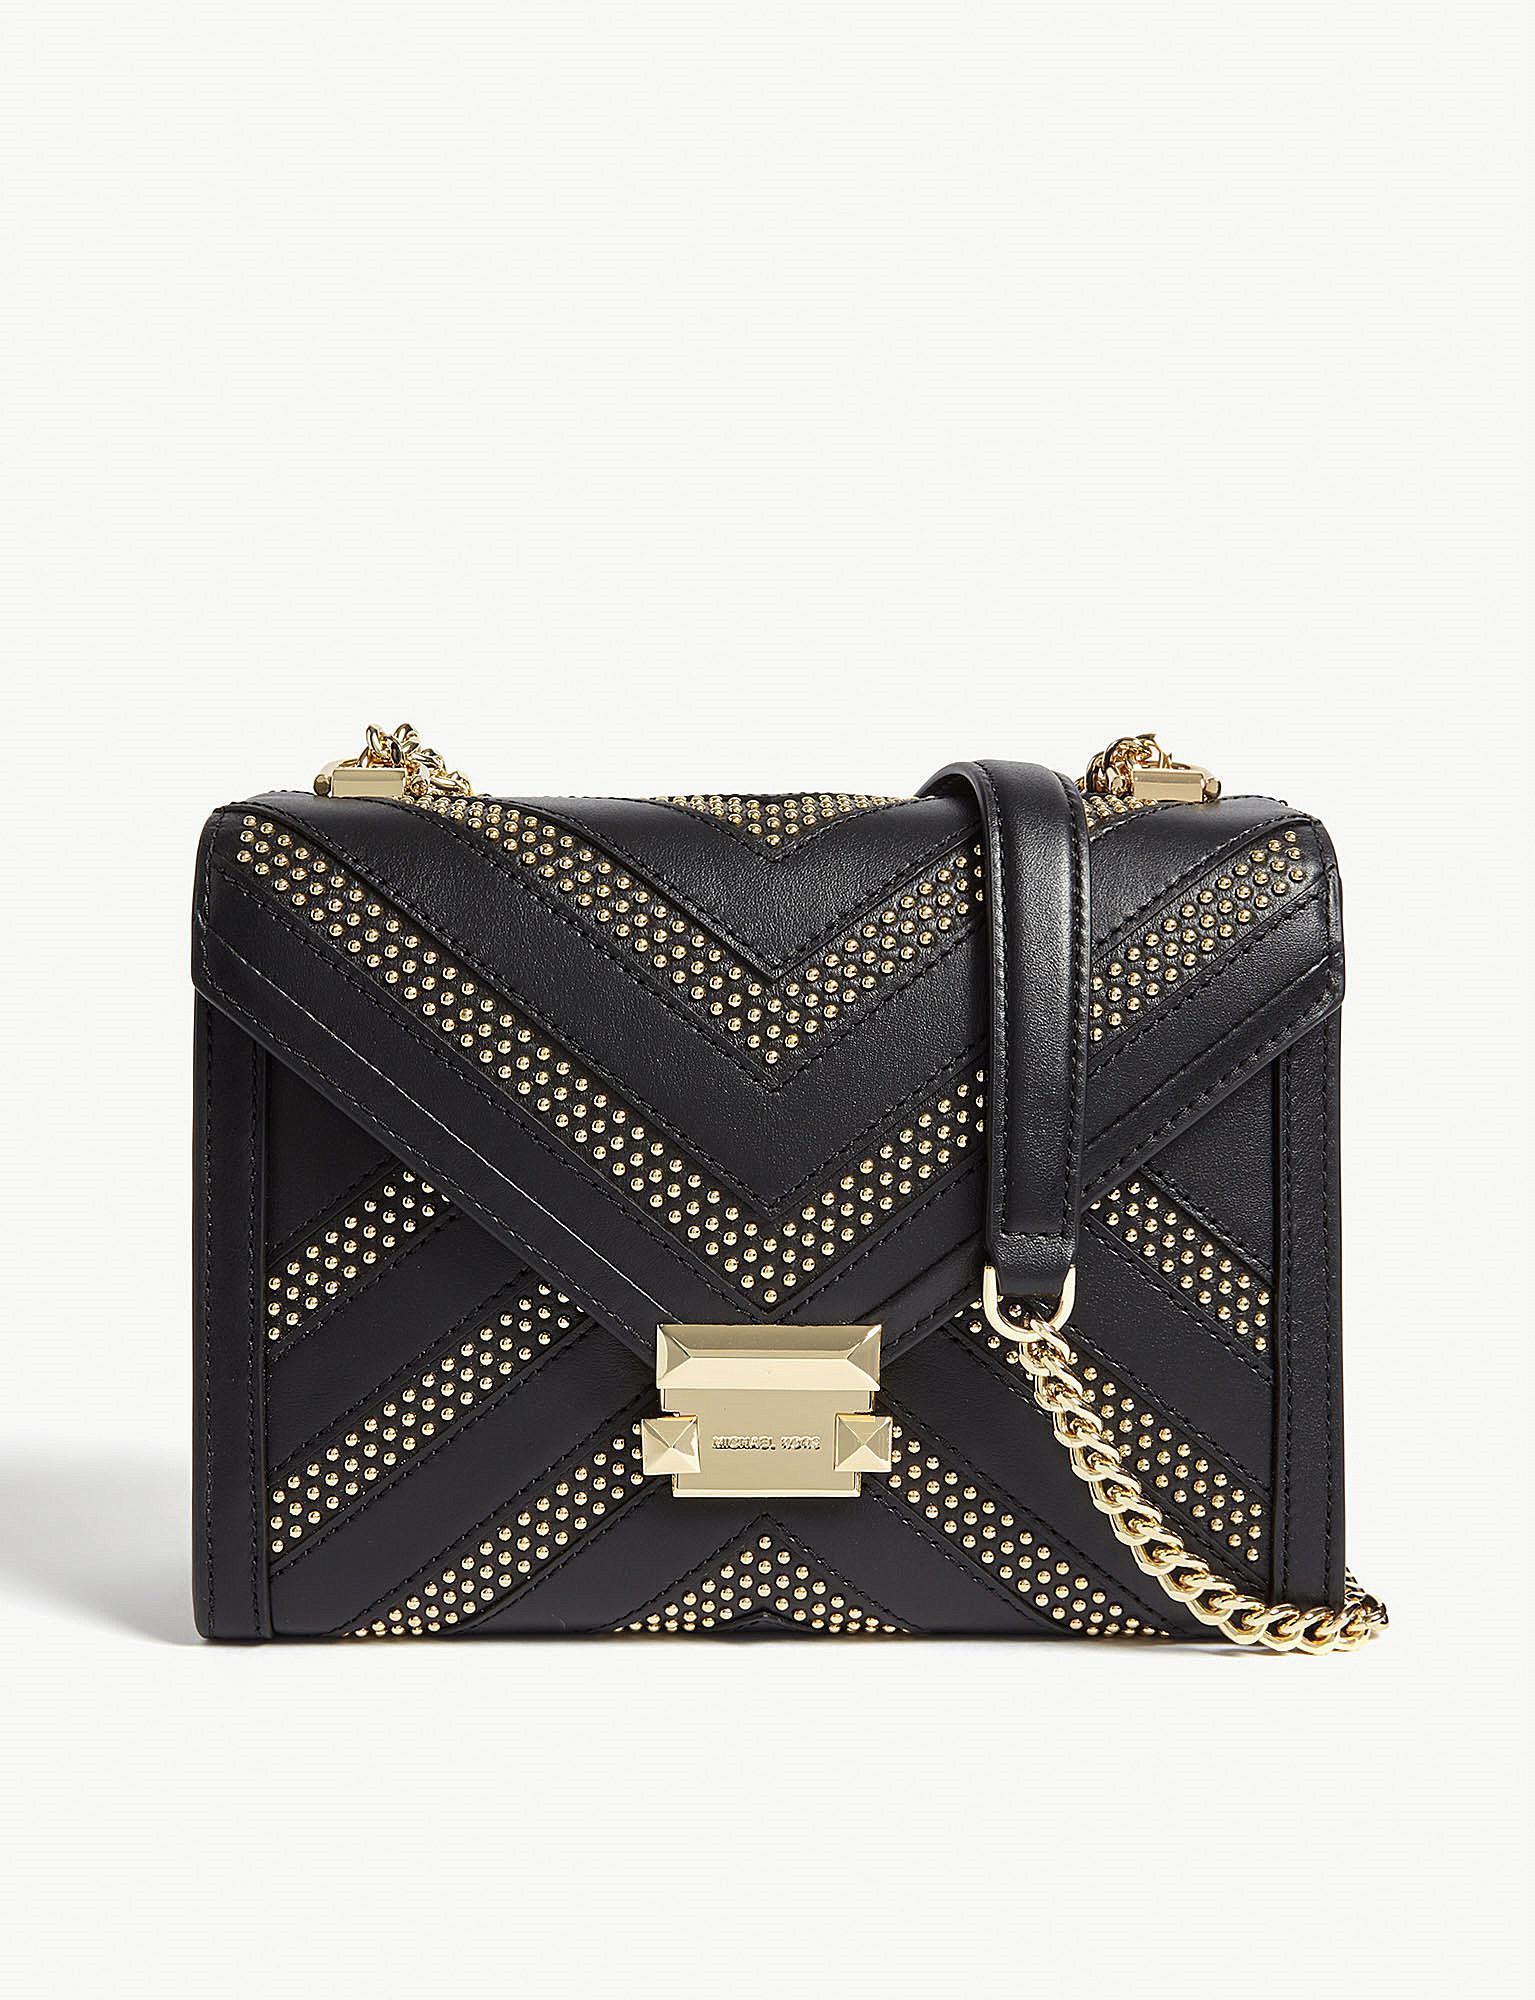 9c156c13783e MICHAEL Michael Kors. Women s Black Whitney Studded Leather Cross-body Bag